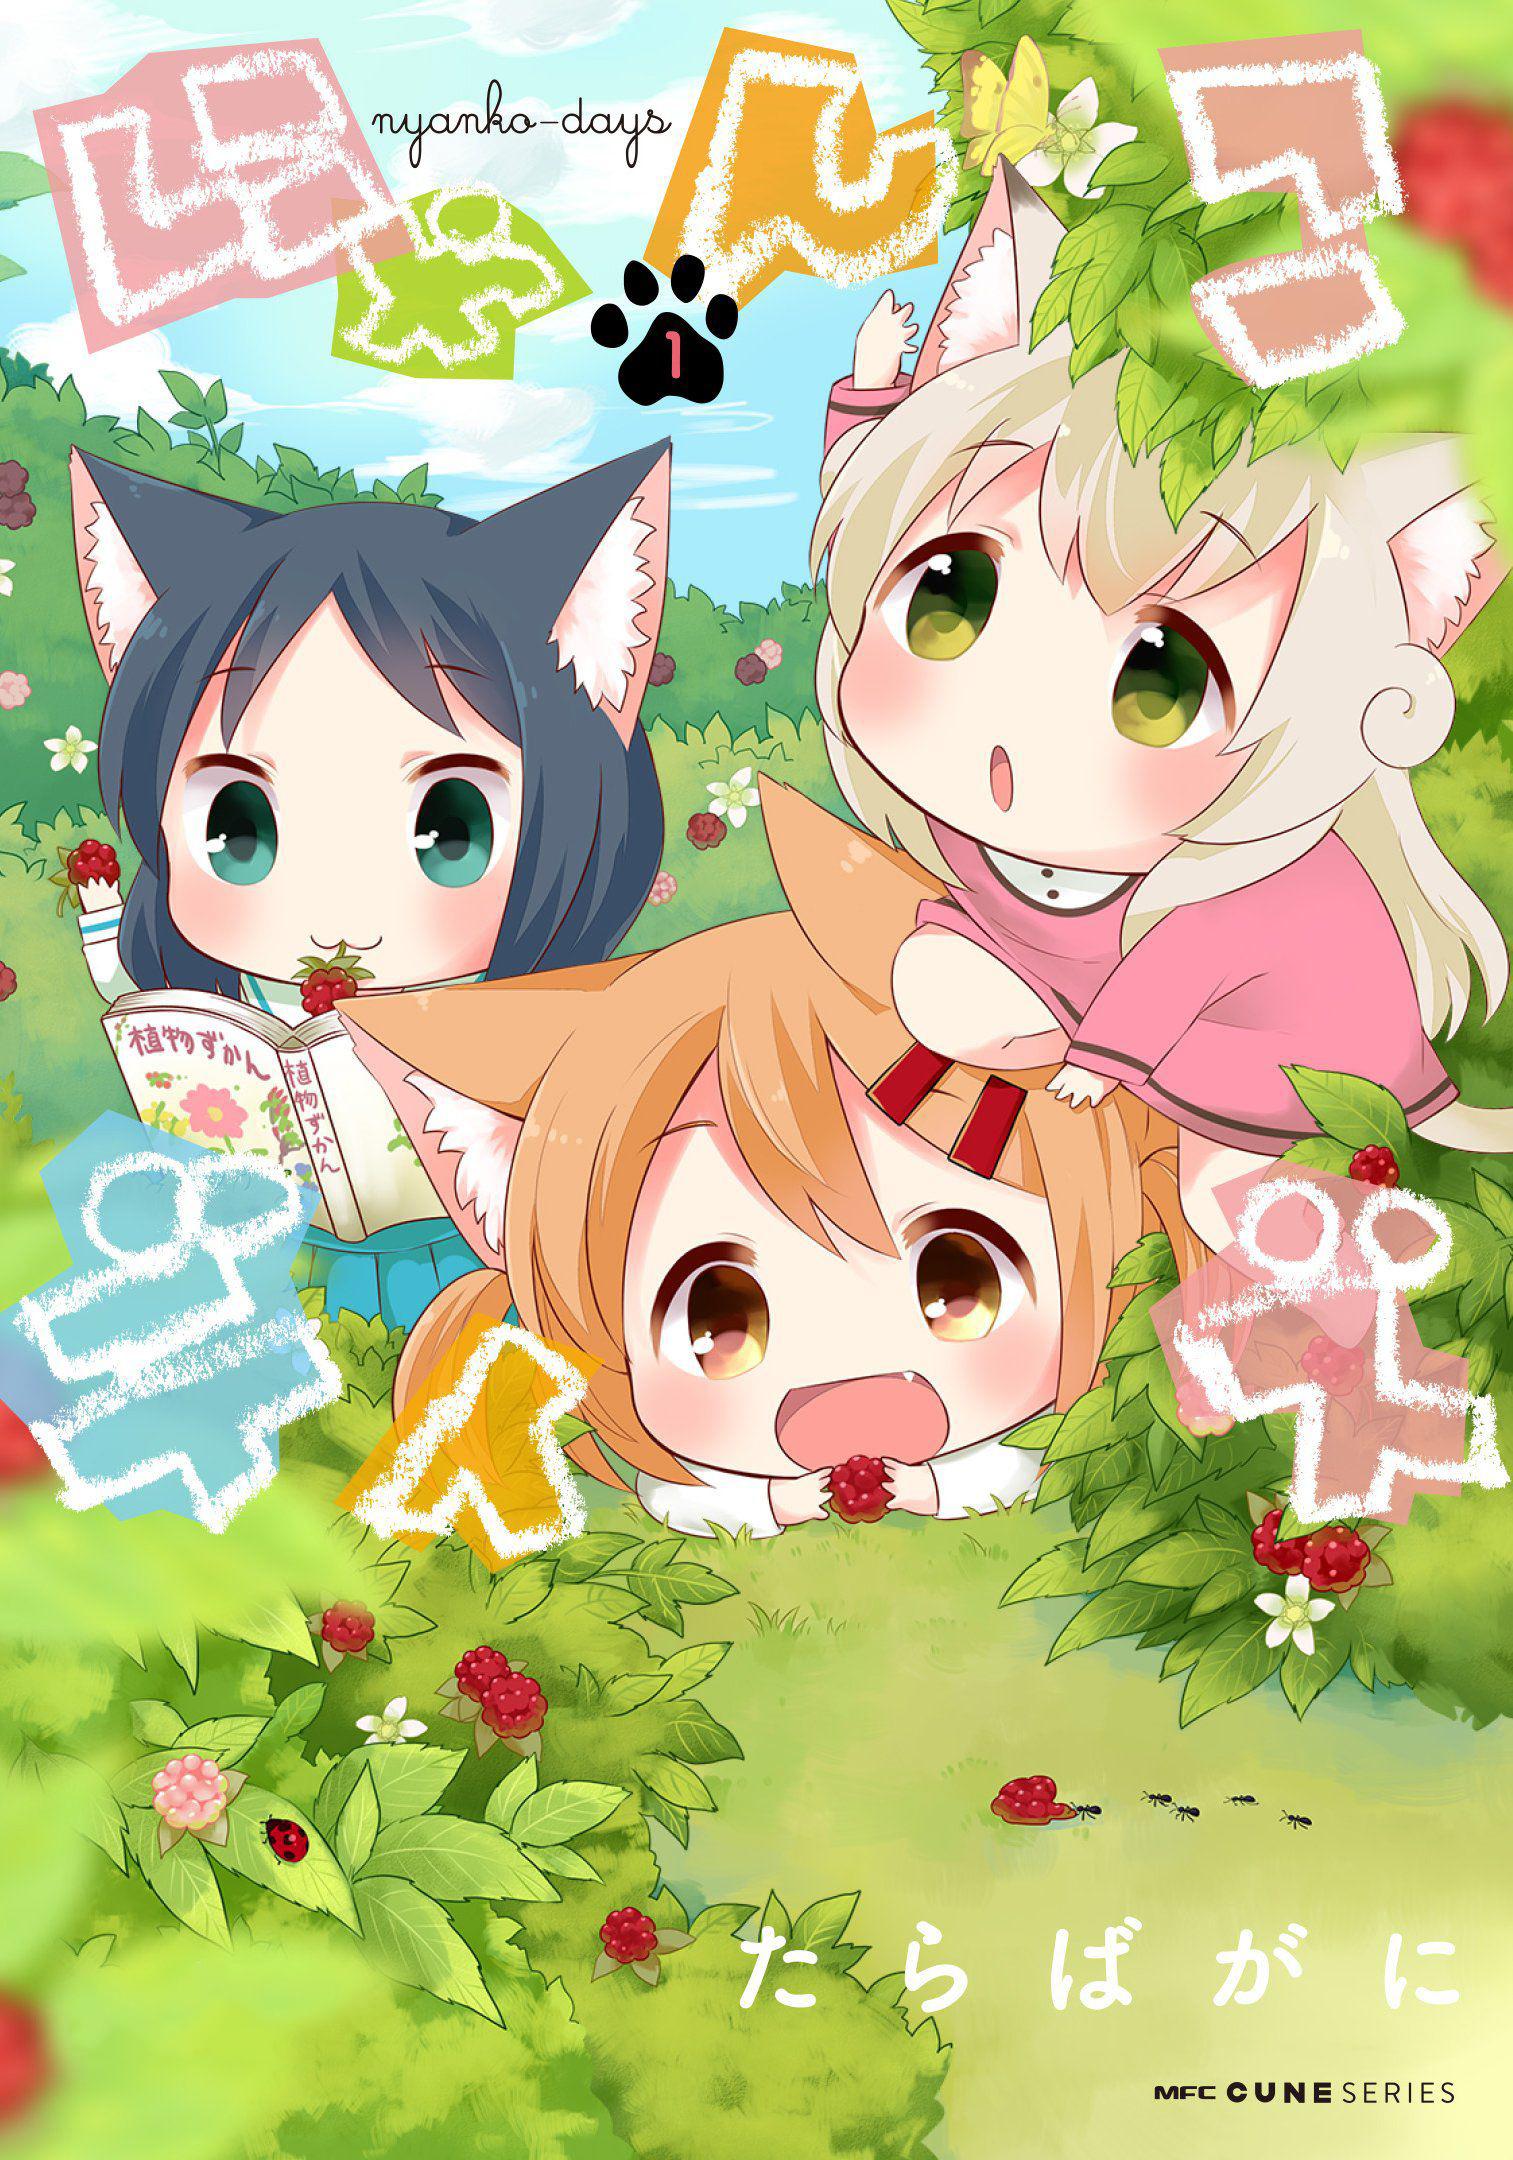 《猫咪日常》百度网盘下载